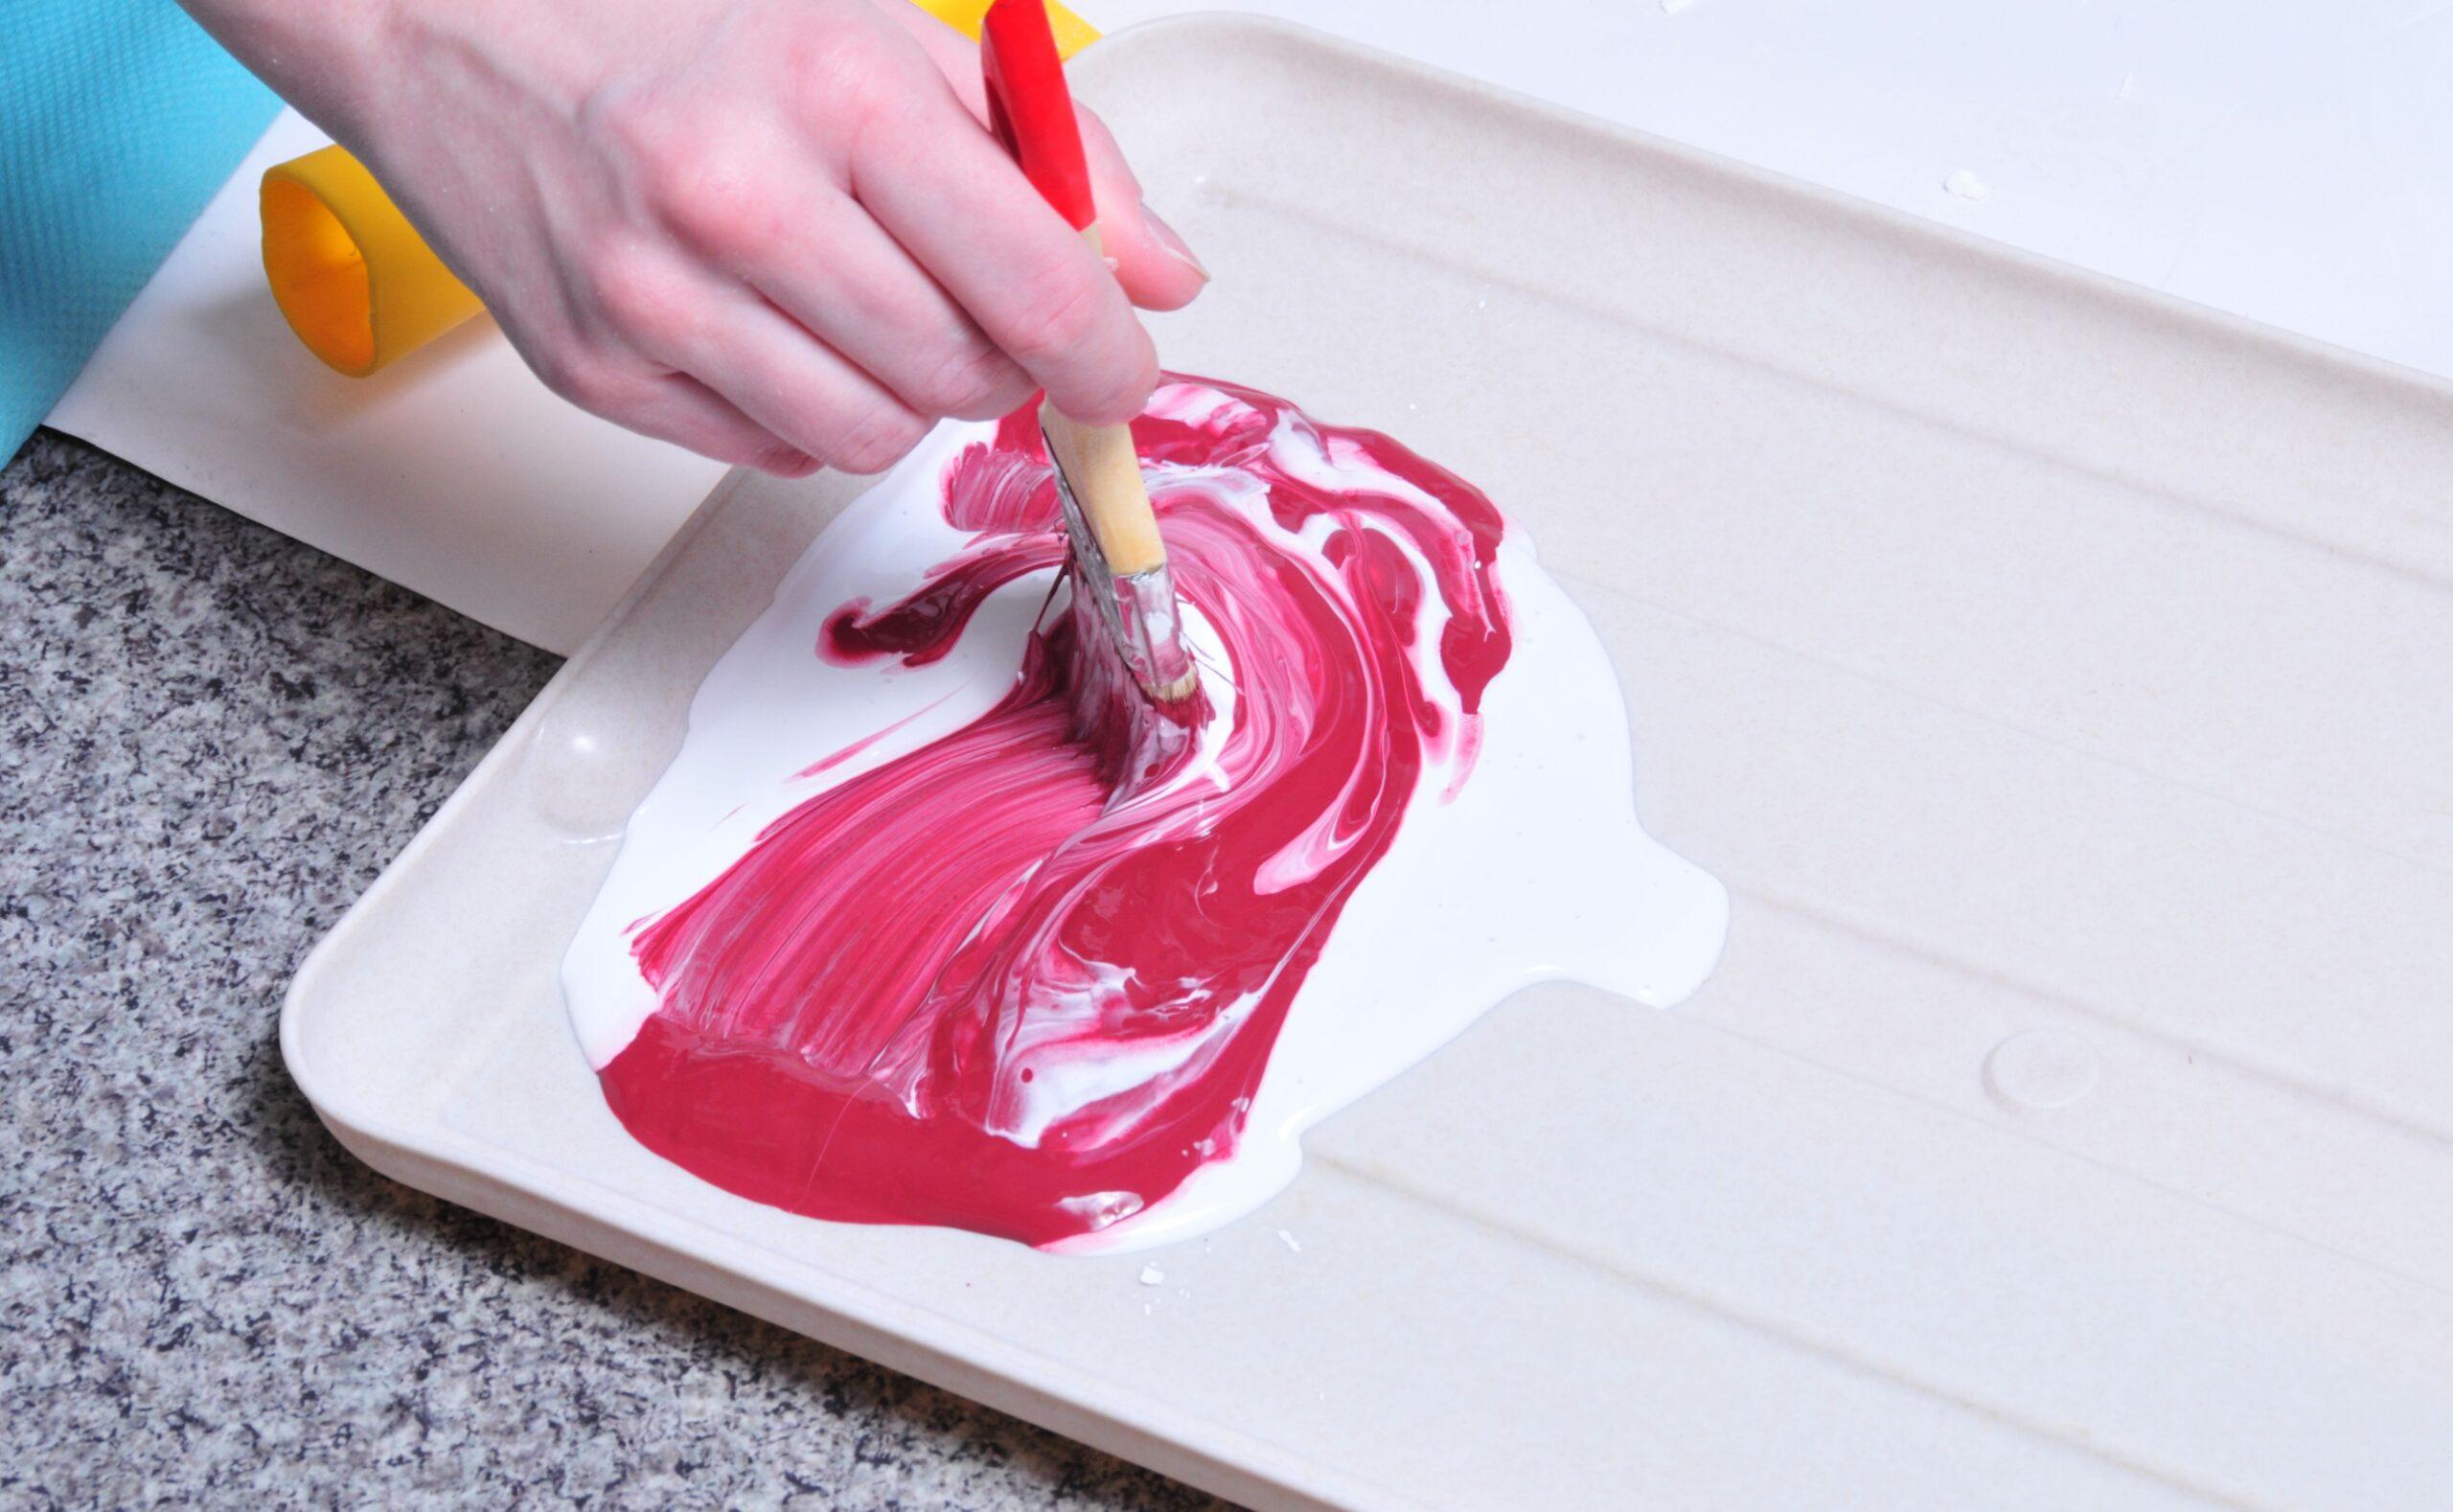 Размешивание краски